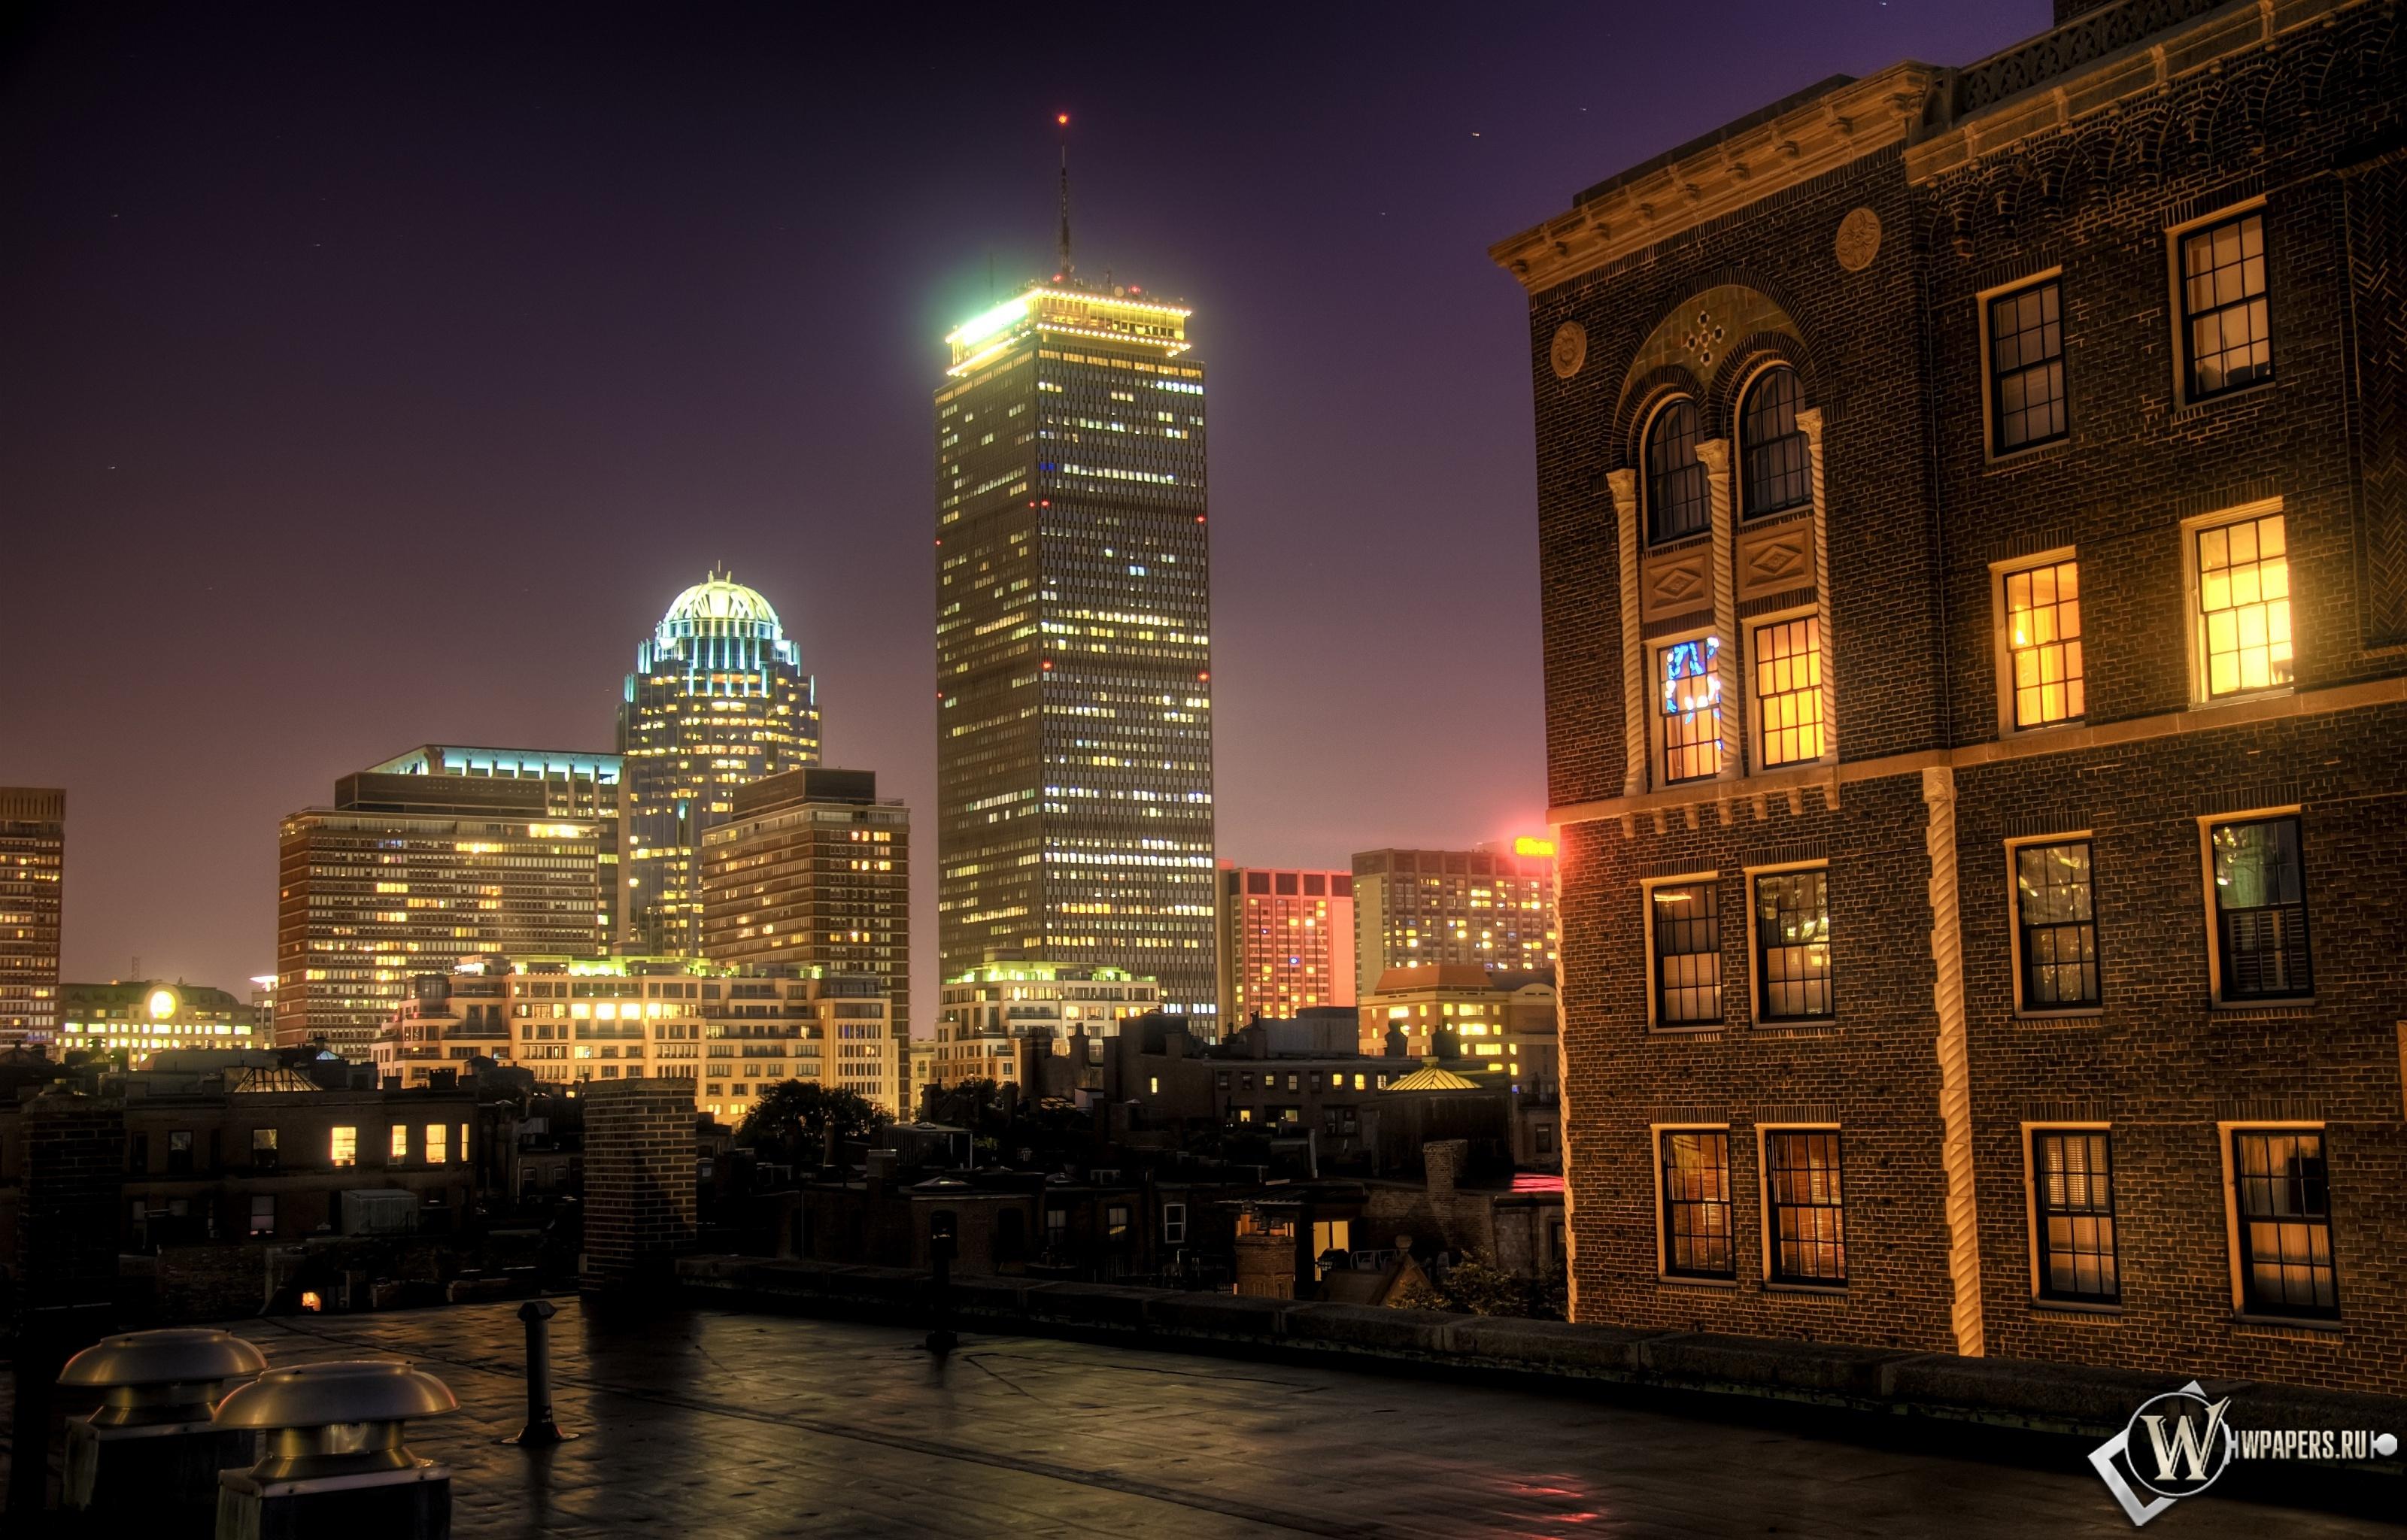 Бостон 3200x2048